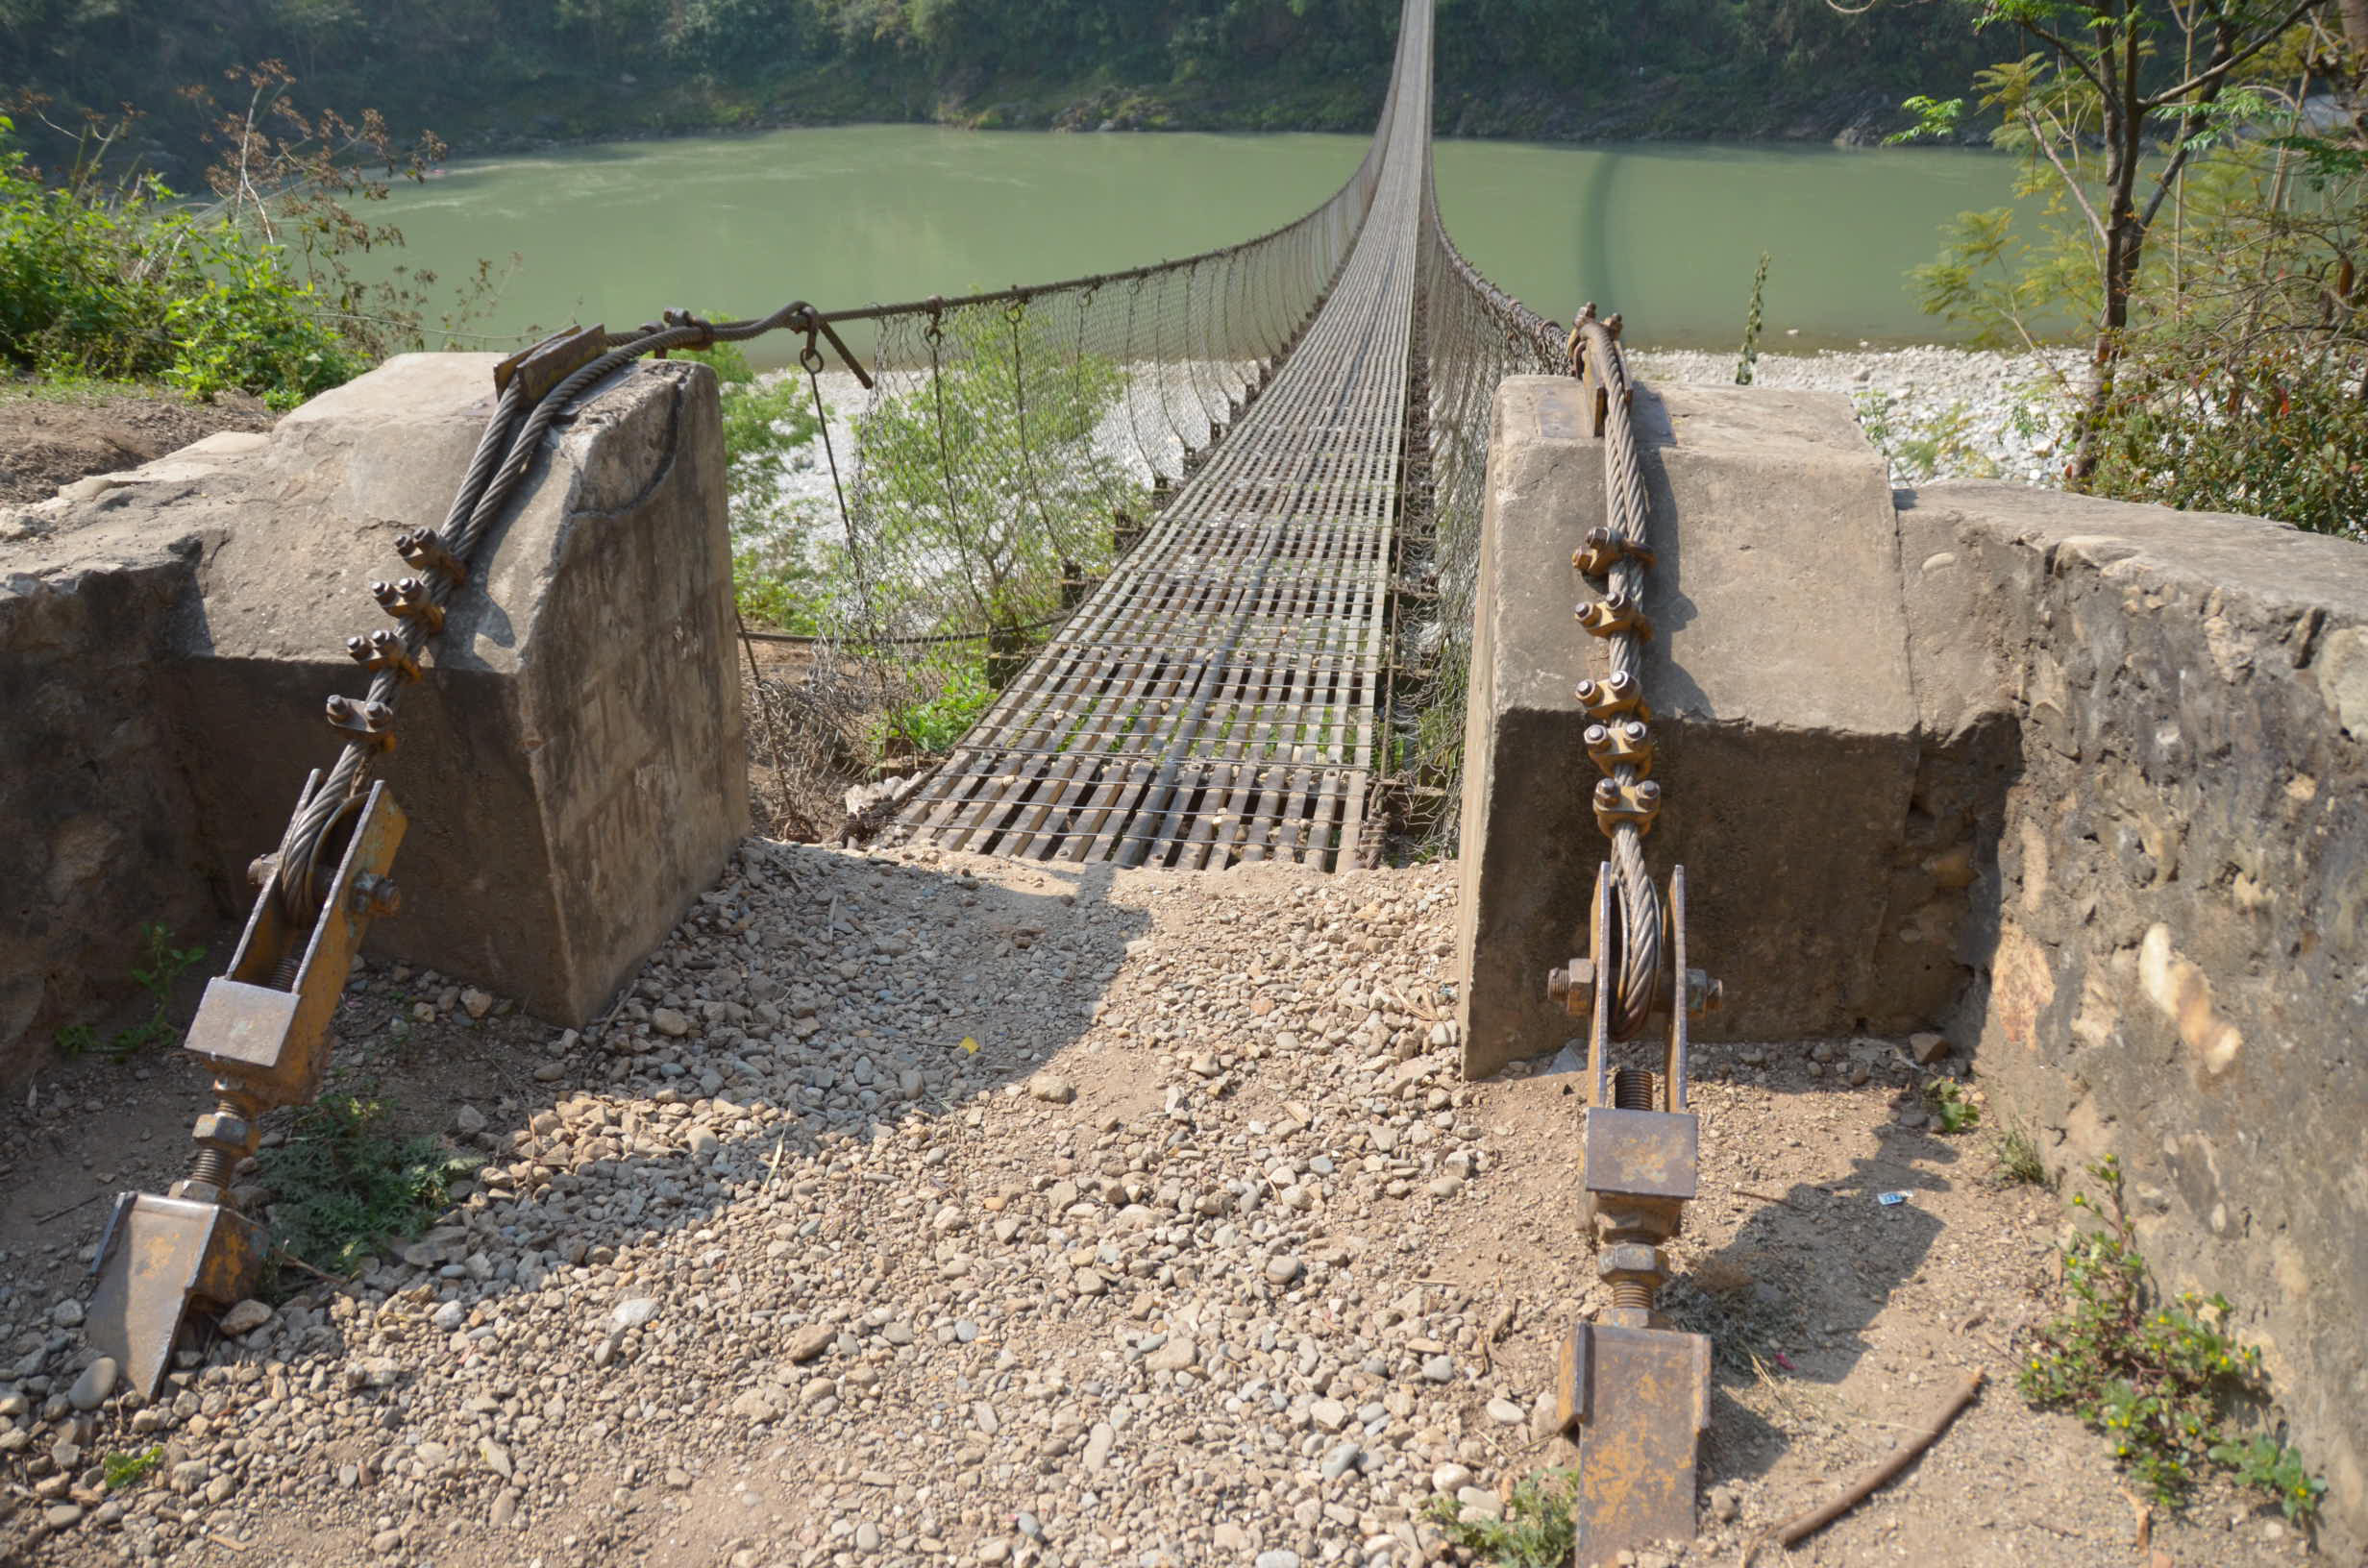 mck-3-21-15-suspension-bridge-lashings-DSC_1132.jpg